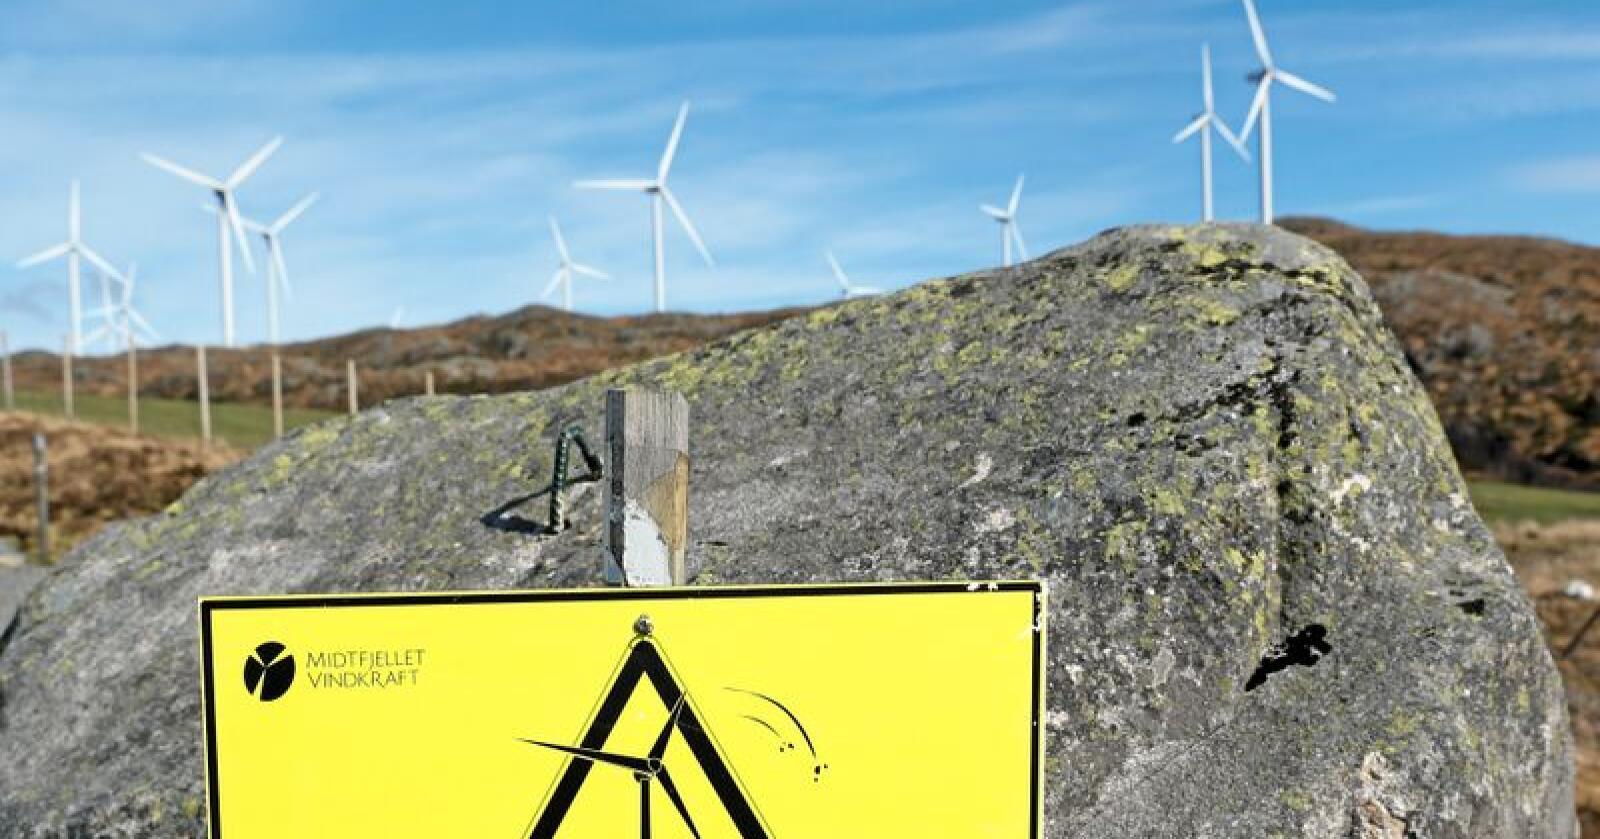 Norsk energipolitikk: EUs energipakke 4 griper inn i debatten om norsk vindkraftutbygging, og vil nok gi enda større trykk til vindkraftutbyggingen dersom den vedtas. Fra Midtfjellet vindpark i Fitjar kommune. Foto: Jan Kåre Ness / NTB scanpix